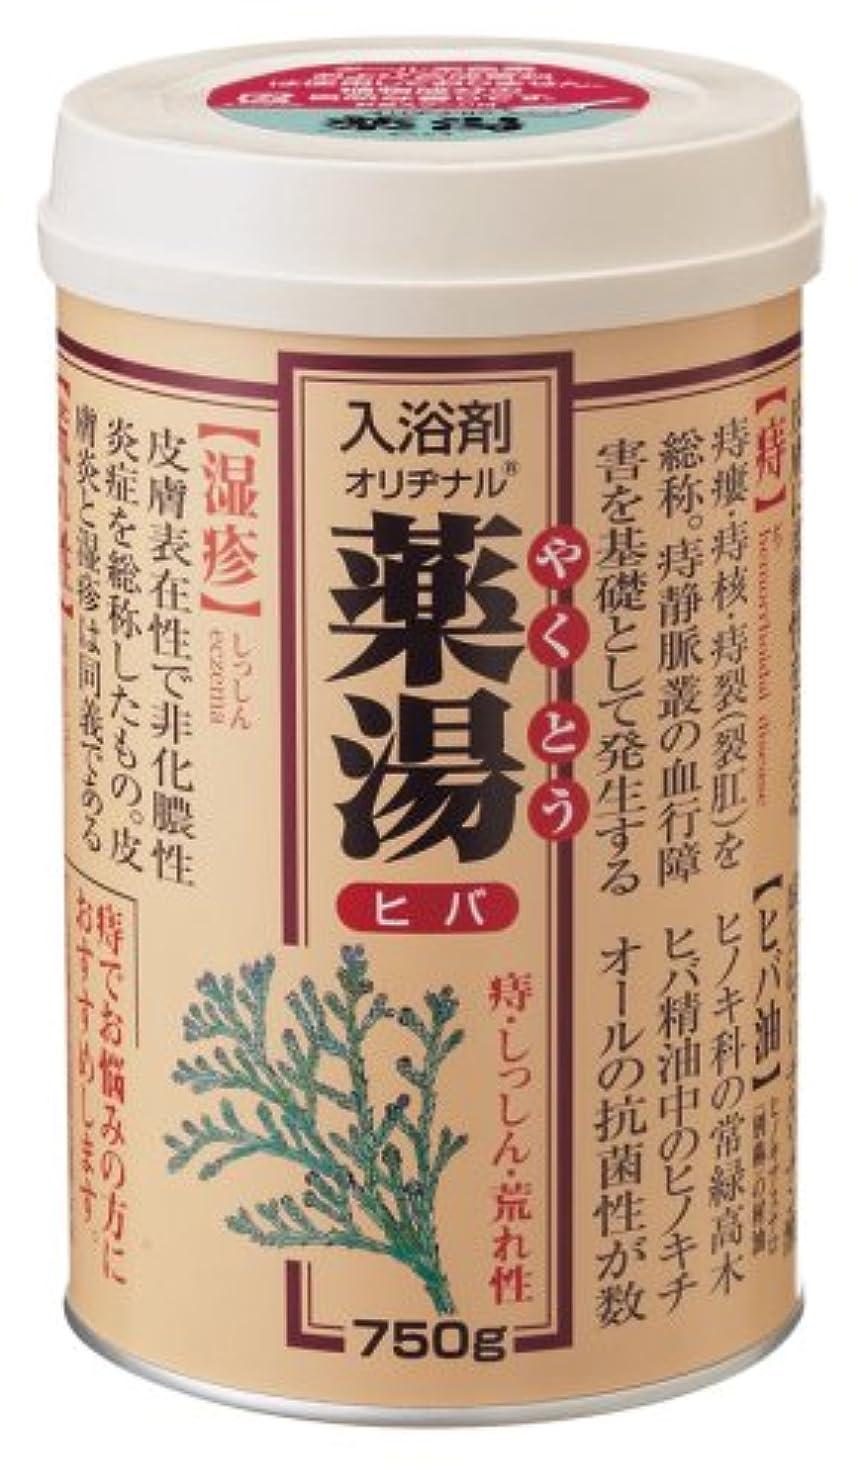 全国繊細葬儀NEWオリヂナル薬湯 ヒバ 750g [医薬部外品]